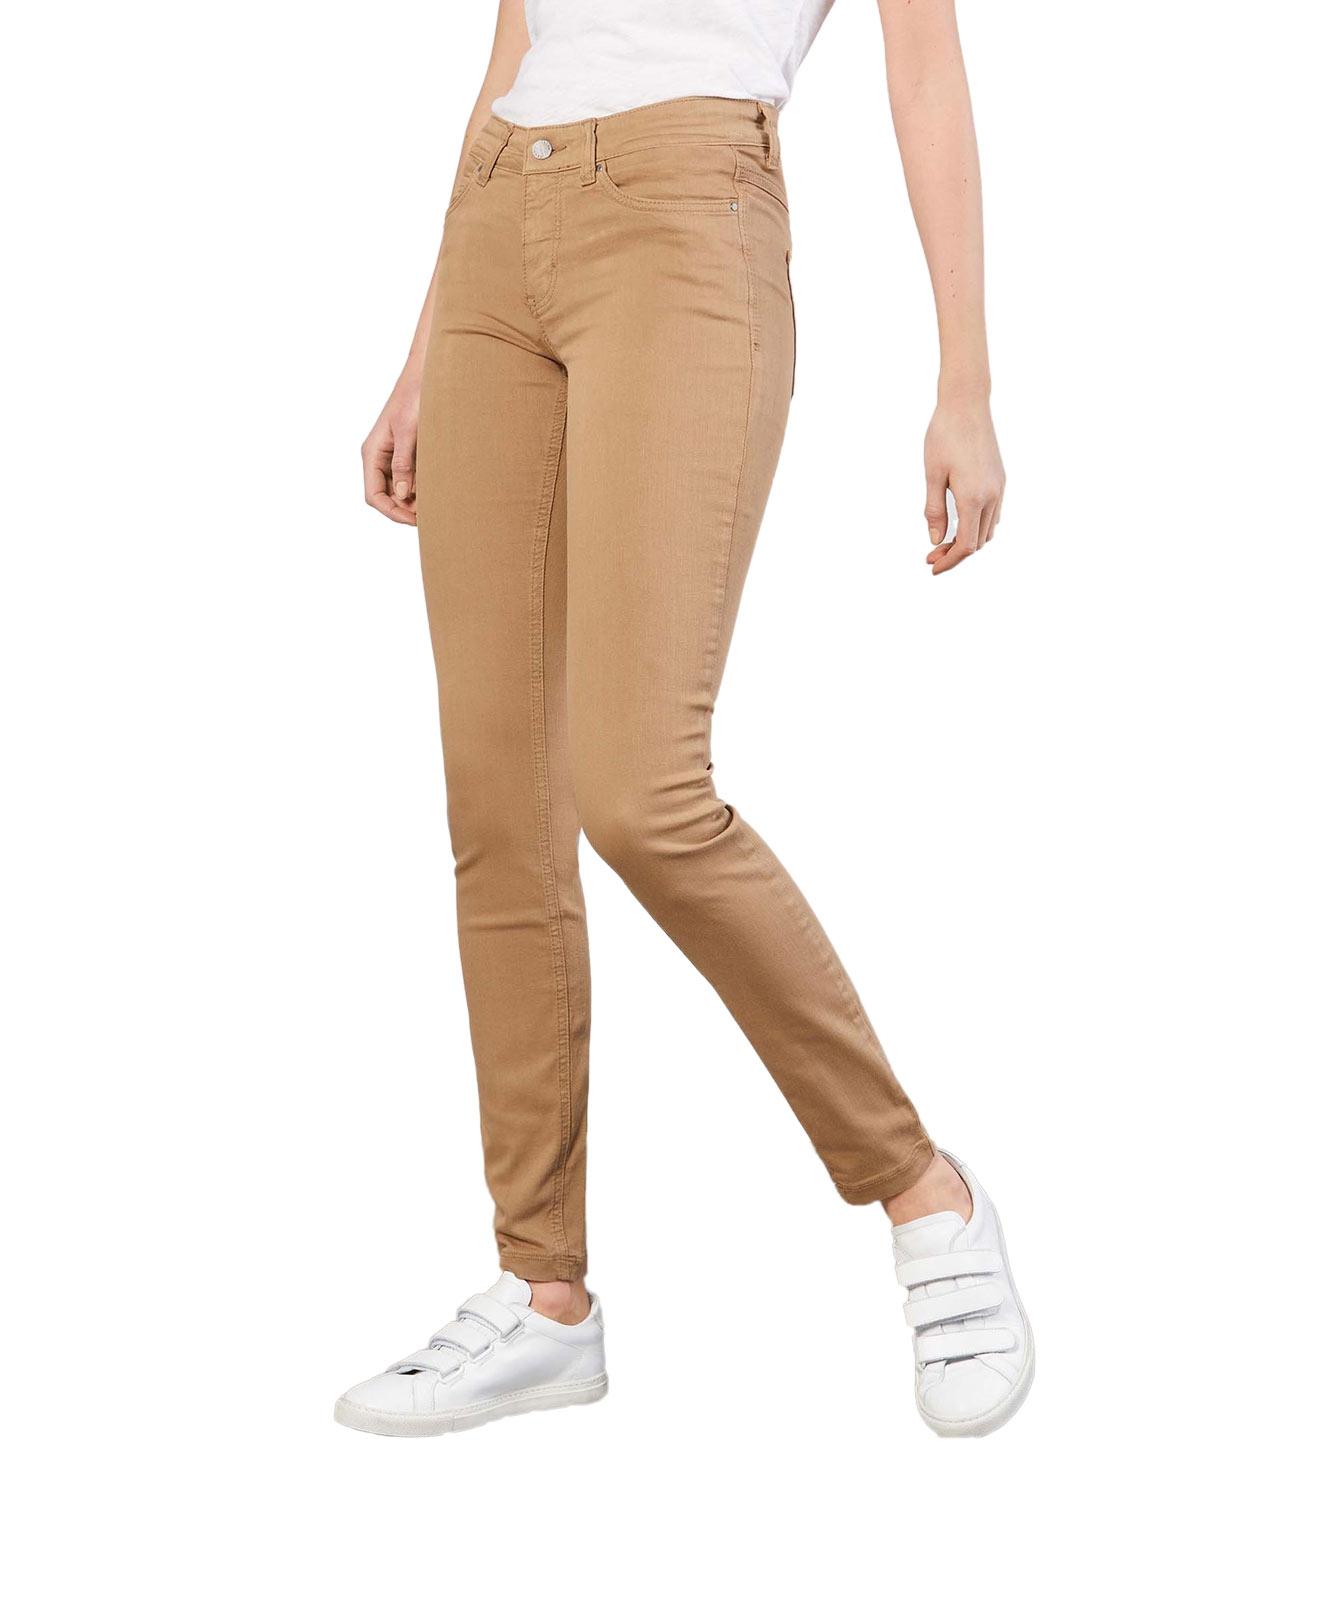 Hosen - MAC Skinny Jeans Dream Skinny in Light Cognac  - Onlineshop Jeans Meile